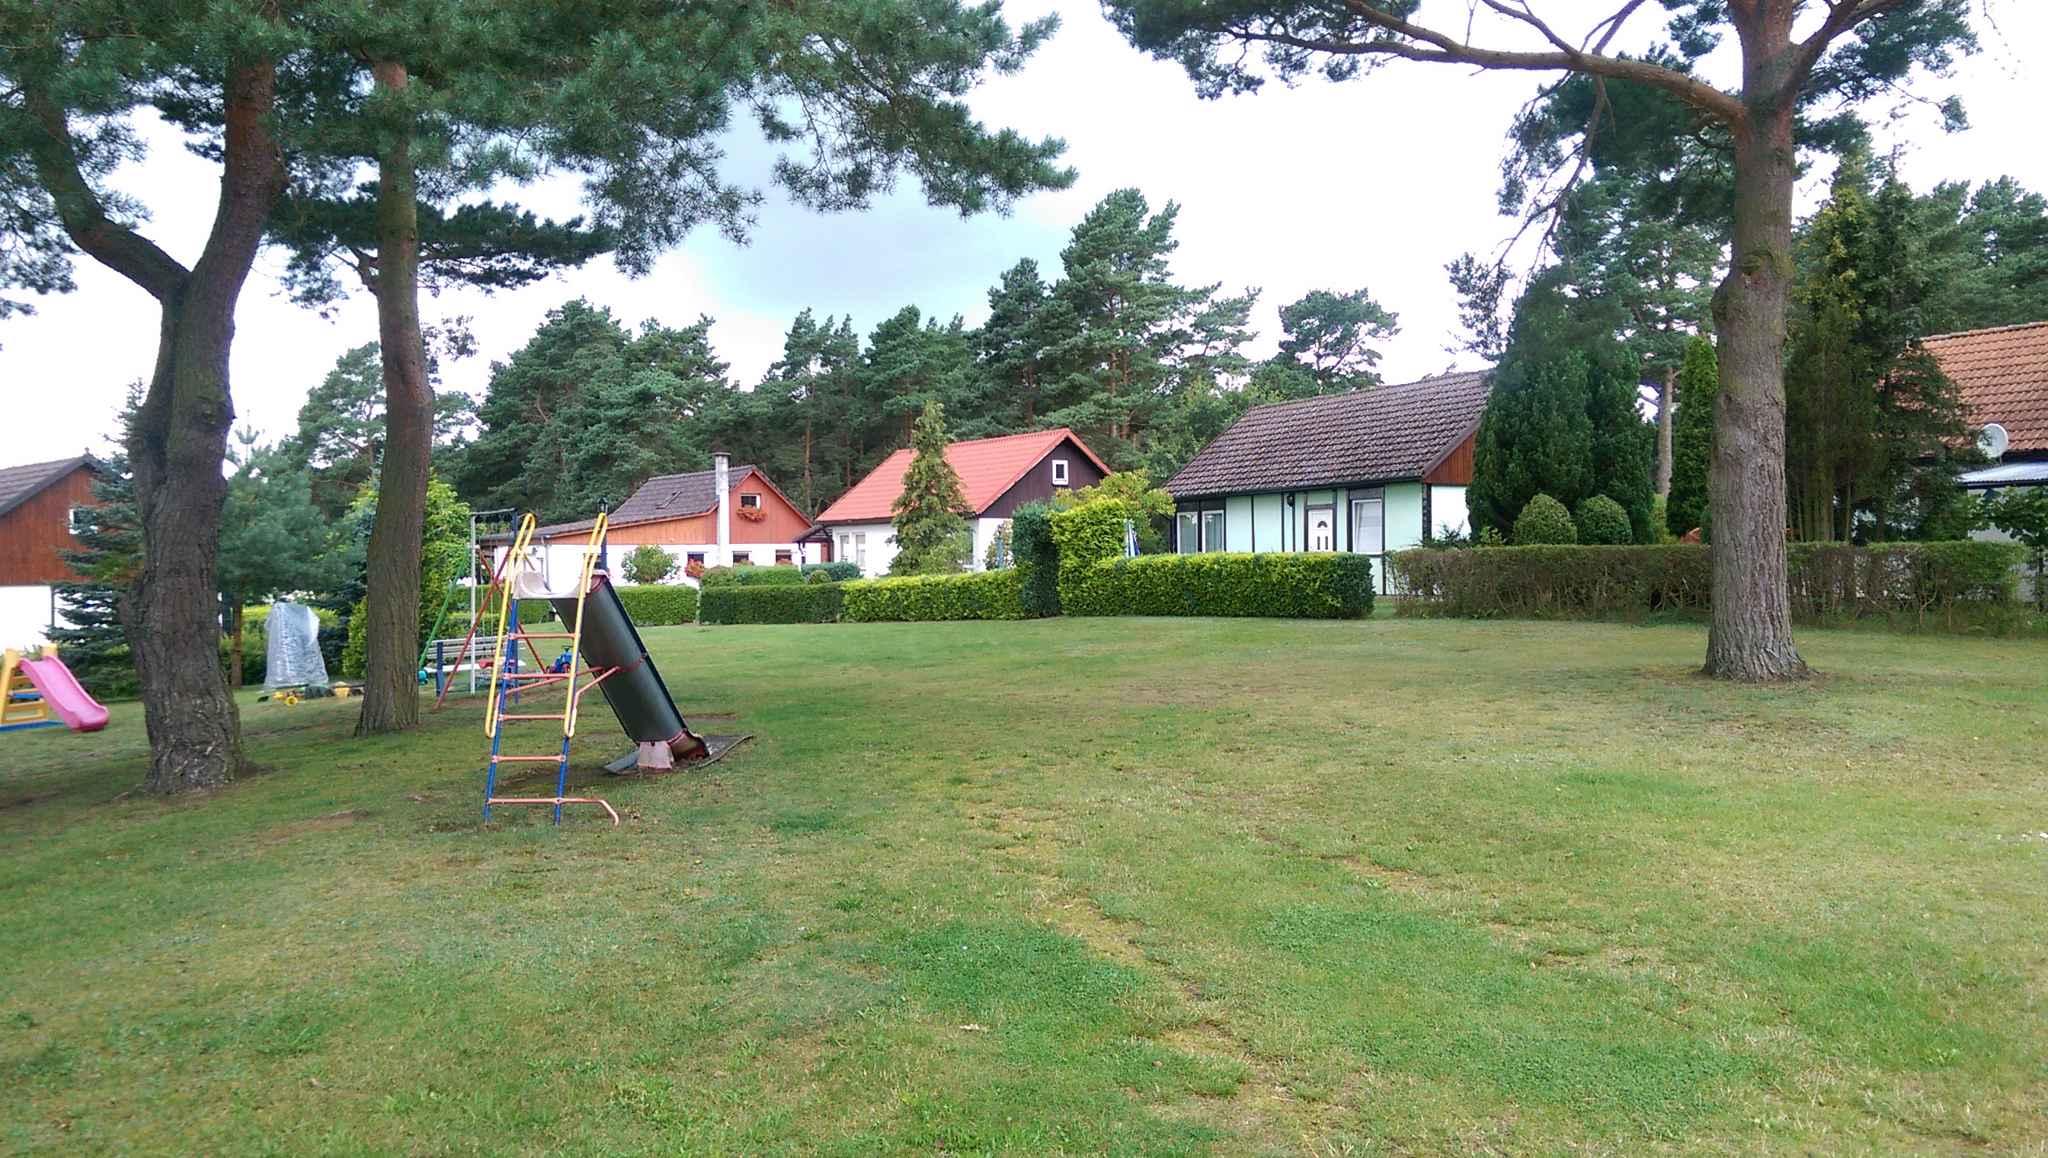 Ferienhaus Bungalow mit Terrasse und Garten (356789), Fuhlendorf, Ostseeküste Mecklenburg-Vorpommern, Mecklenburg-Vorpommern, Deutschland, Bild 11